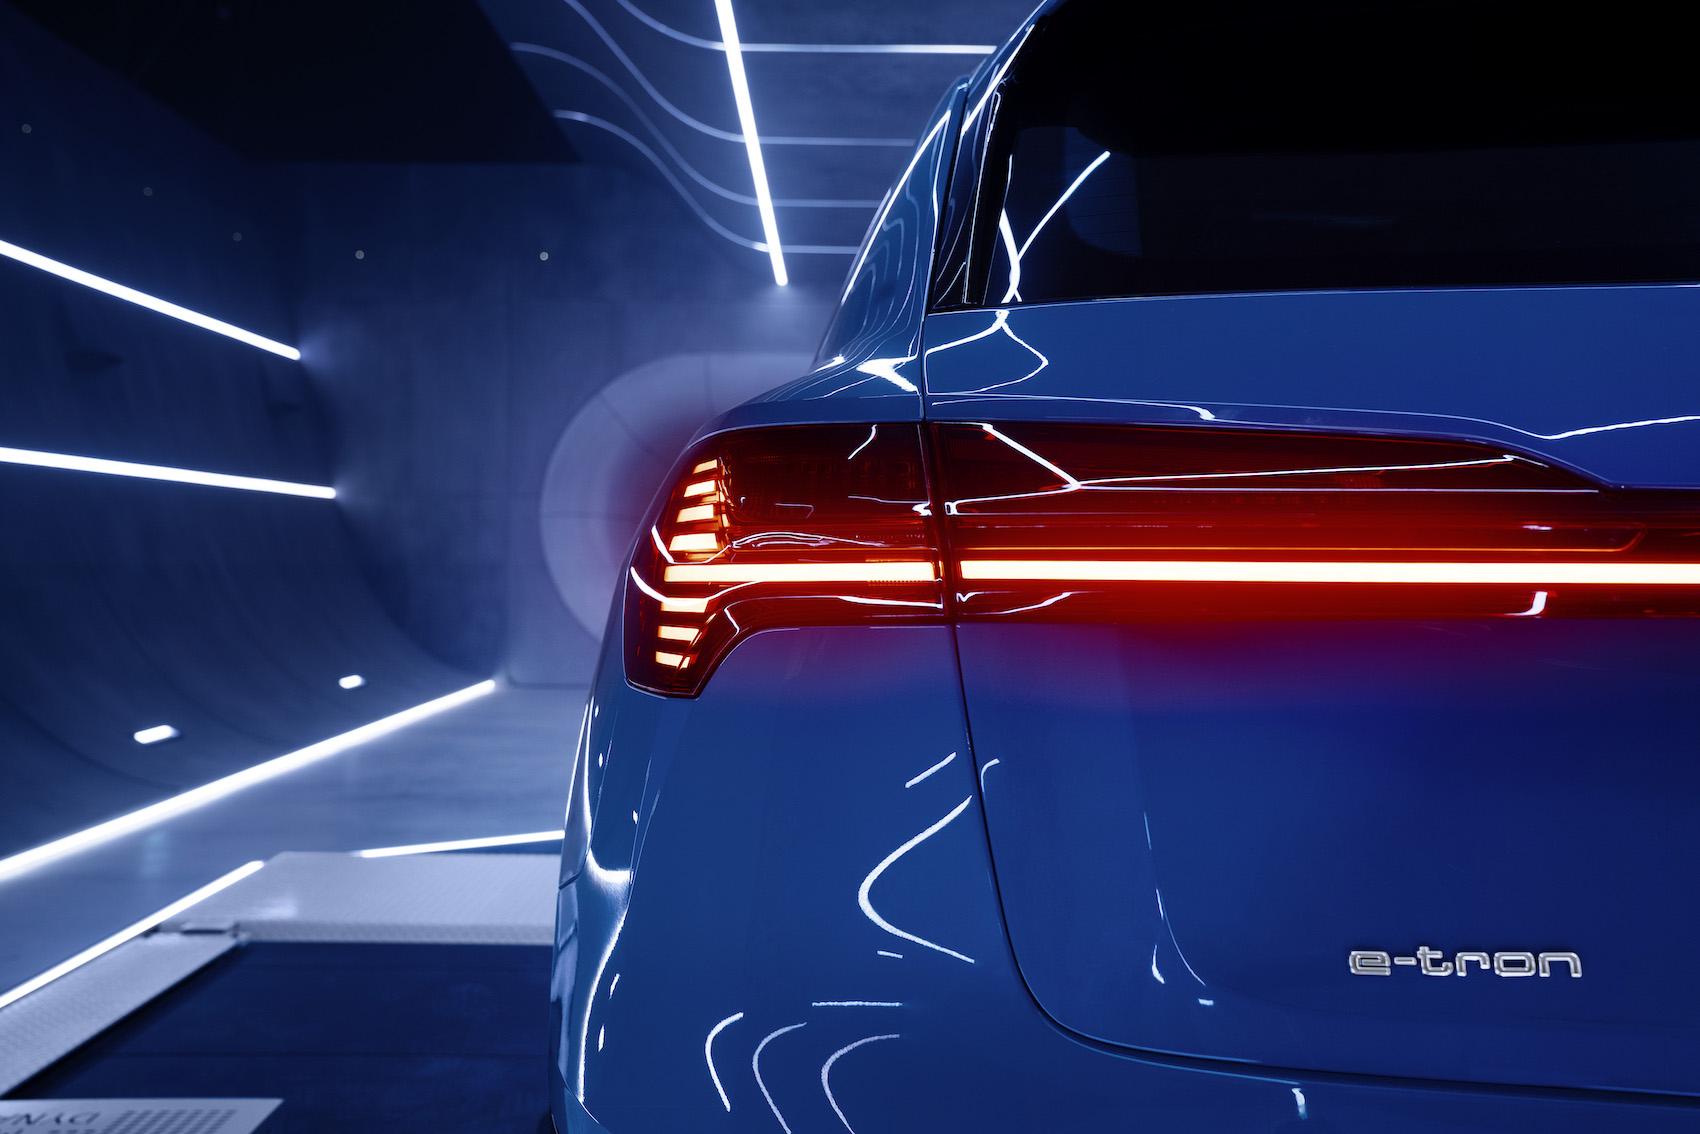 Au freinage, l'Audi e-tron est capable de récupérer plus de 70 % de sa puissance de fonctionnement. Aucun modèle de série ne parvient à ce résultat.